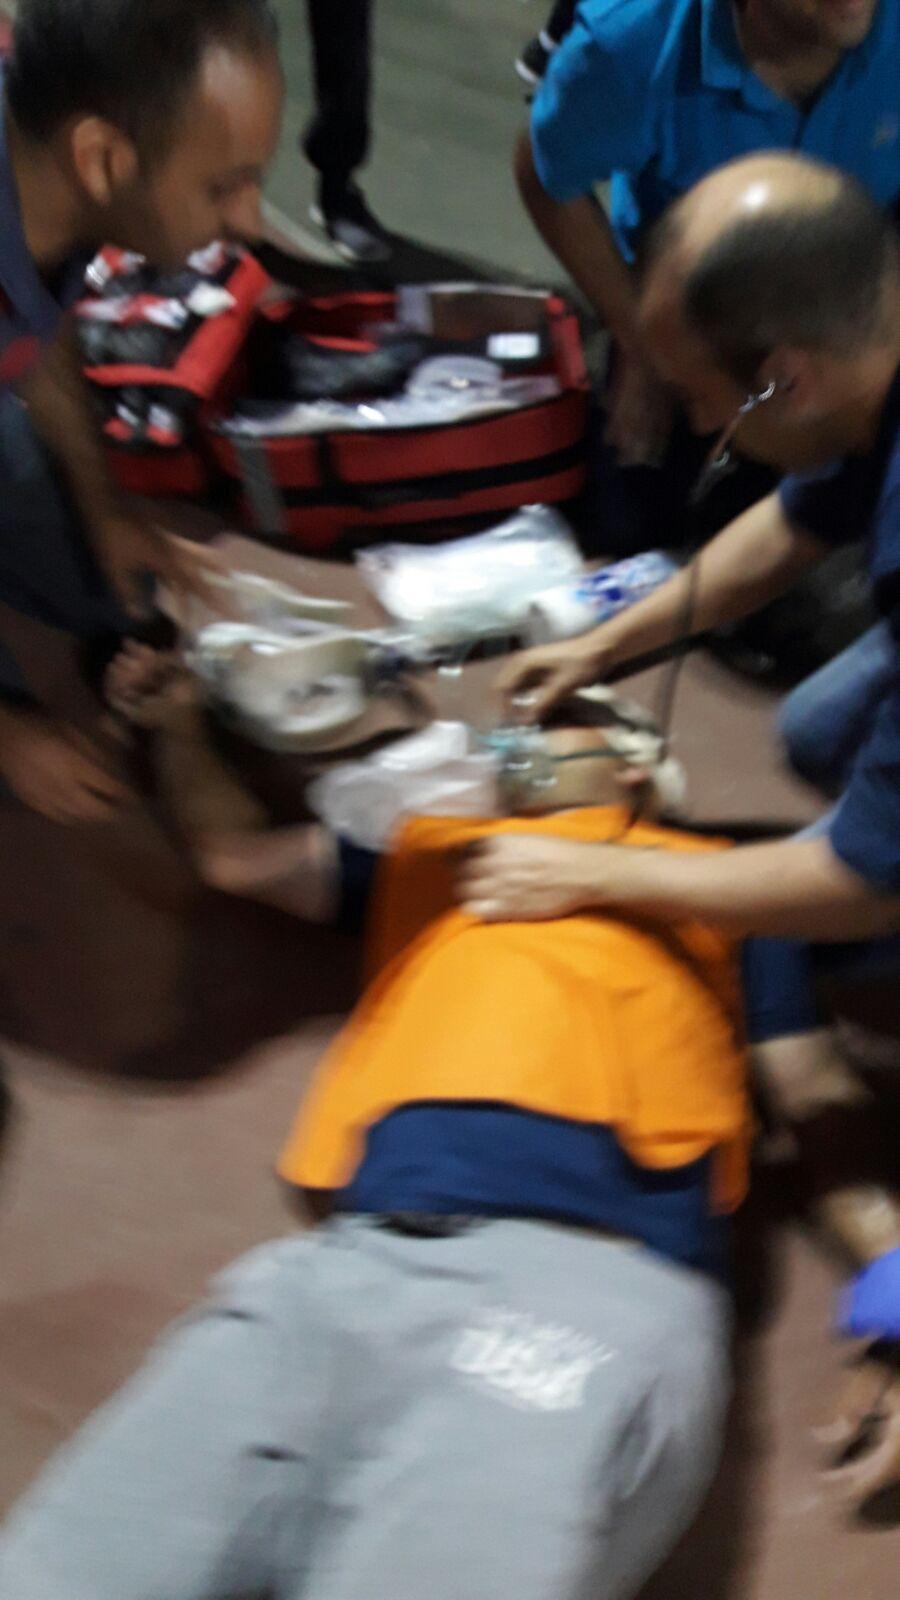 كفر كنا: إصابة خطيرة لشاب سقط خلال مباراة كرة قدم